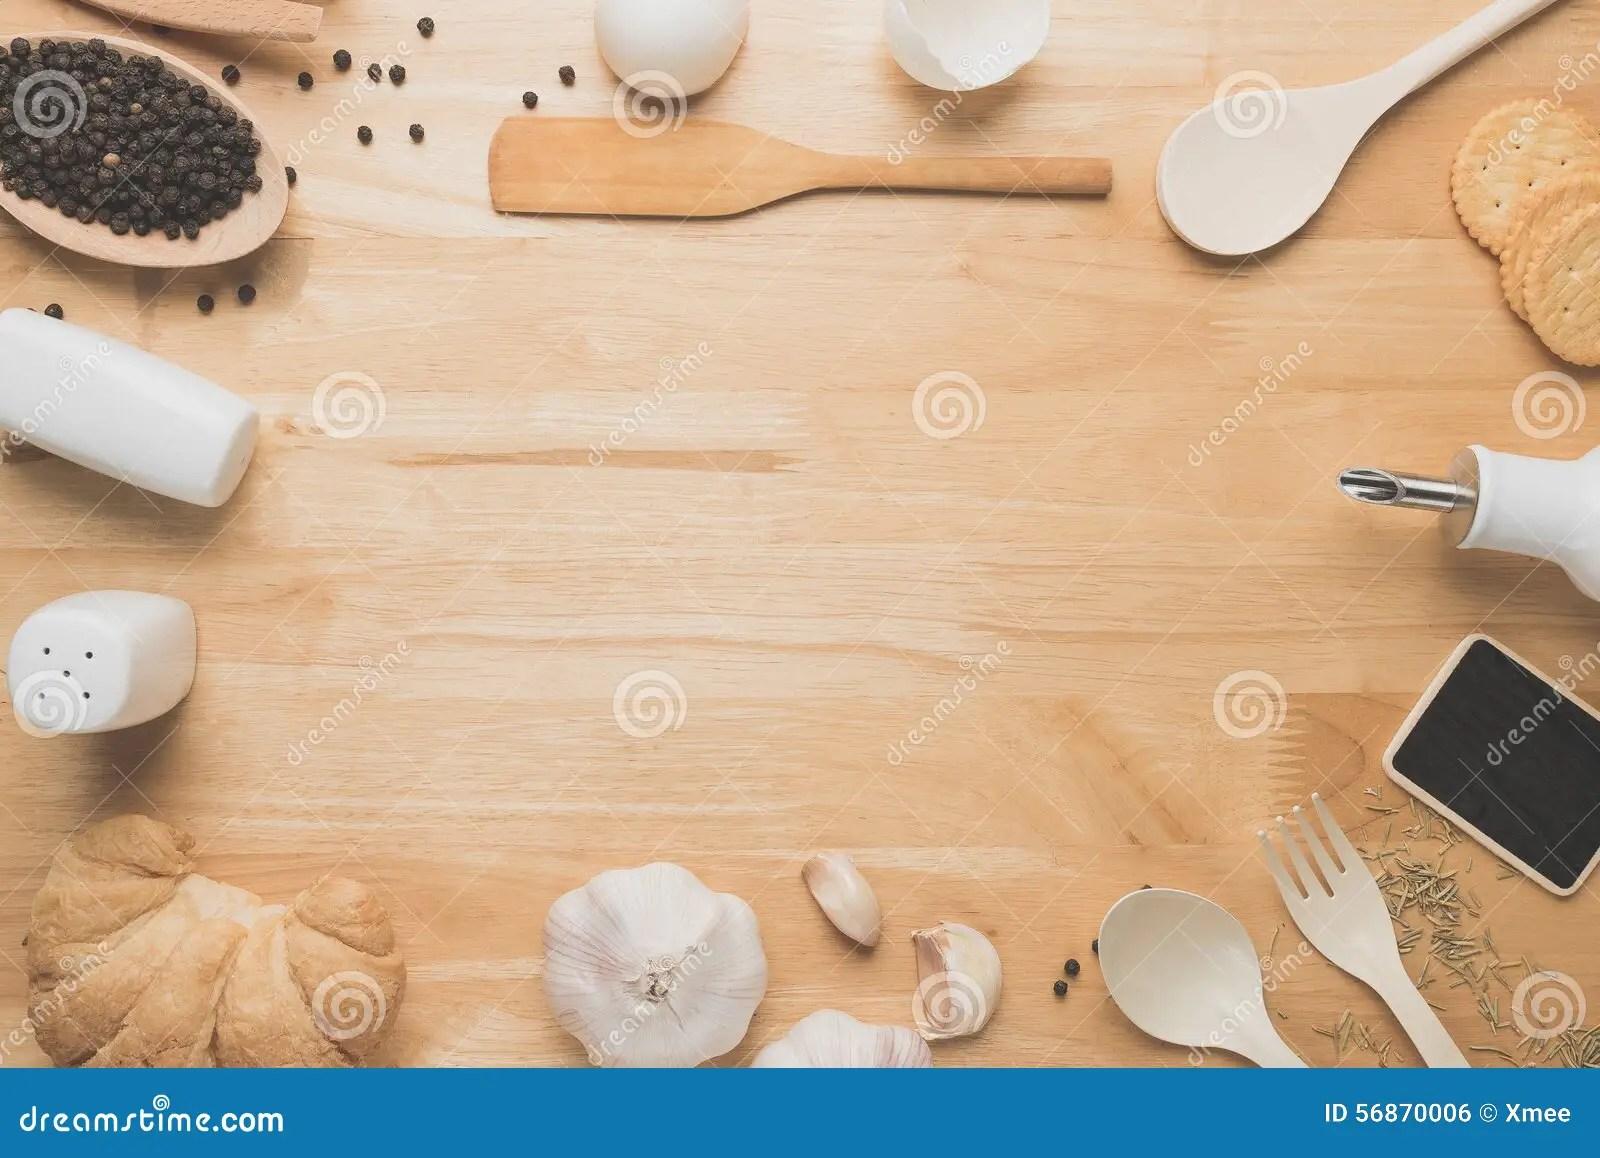 Top View Kitchen MockupRural Kitchen Utensils On Wooden